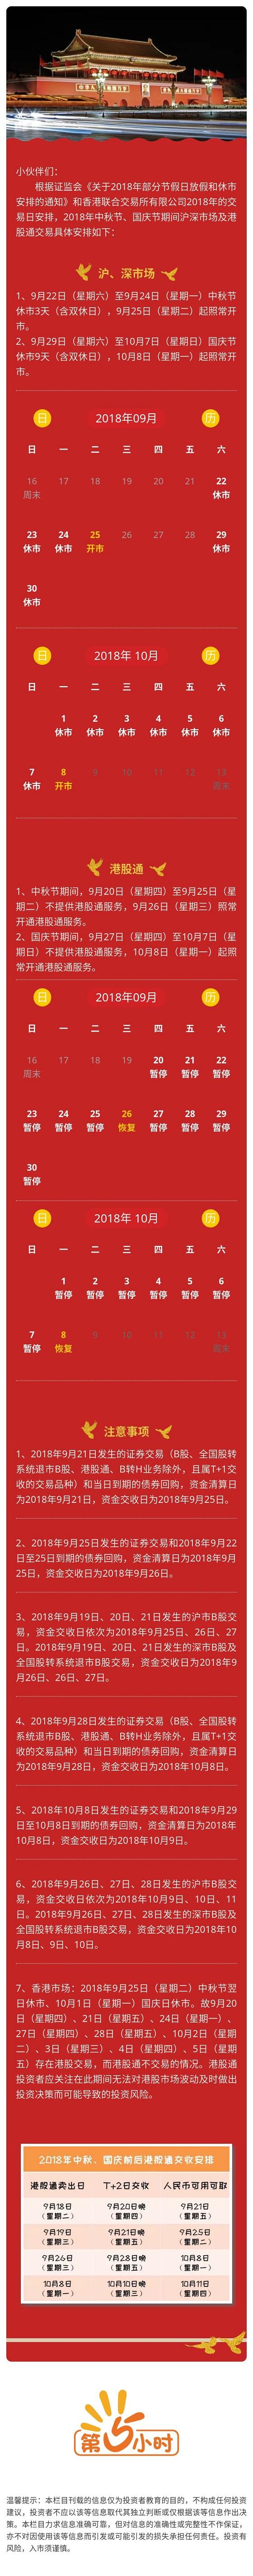 2018年中秋节、国庆节期间交易日安排.jpg